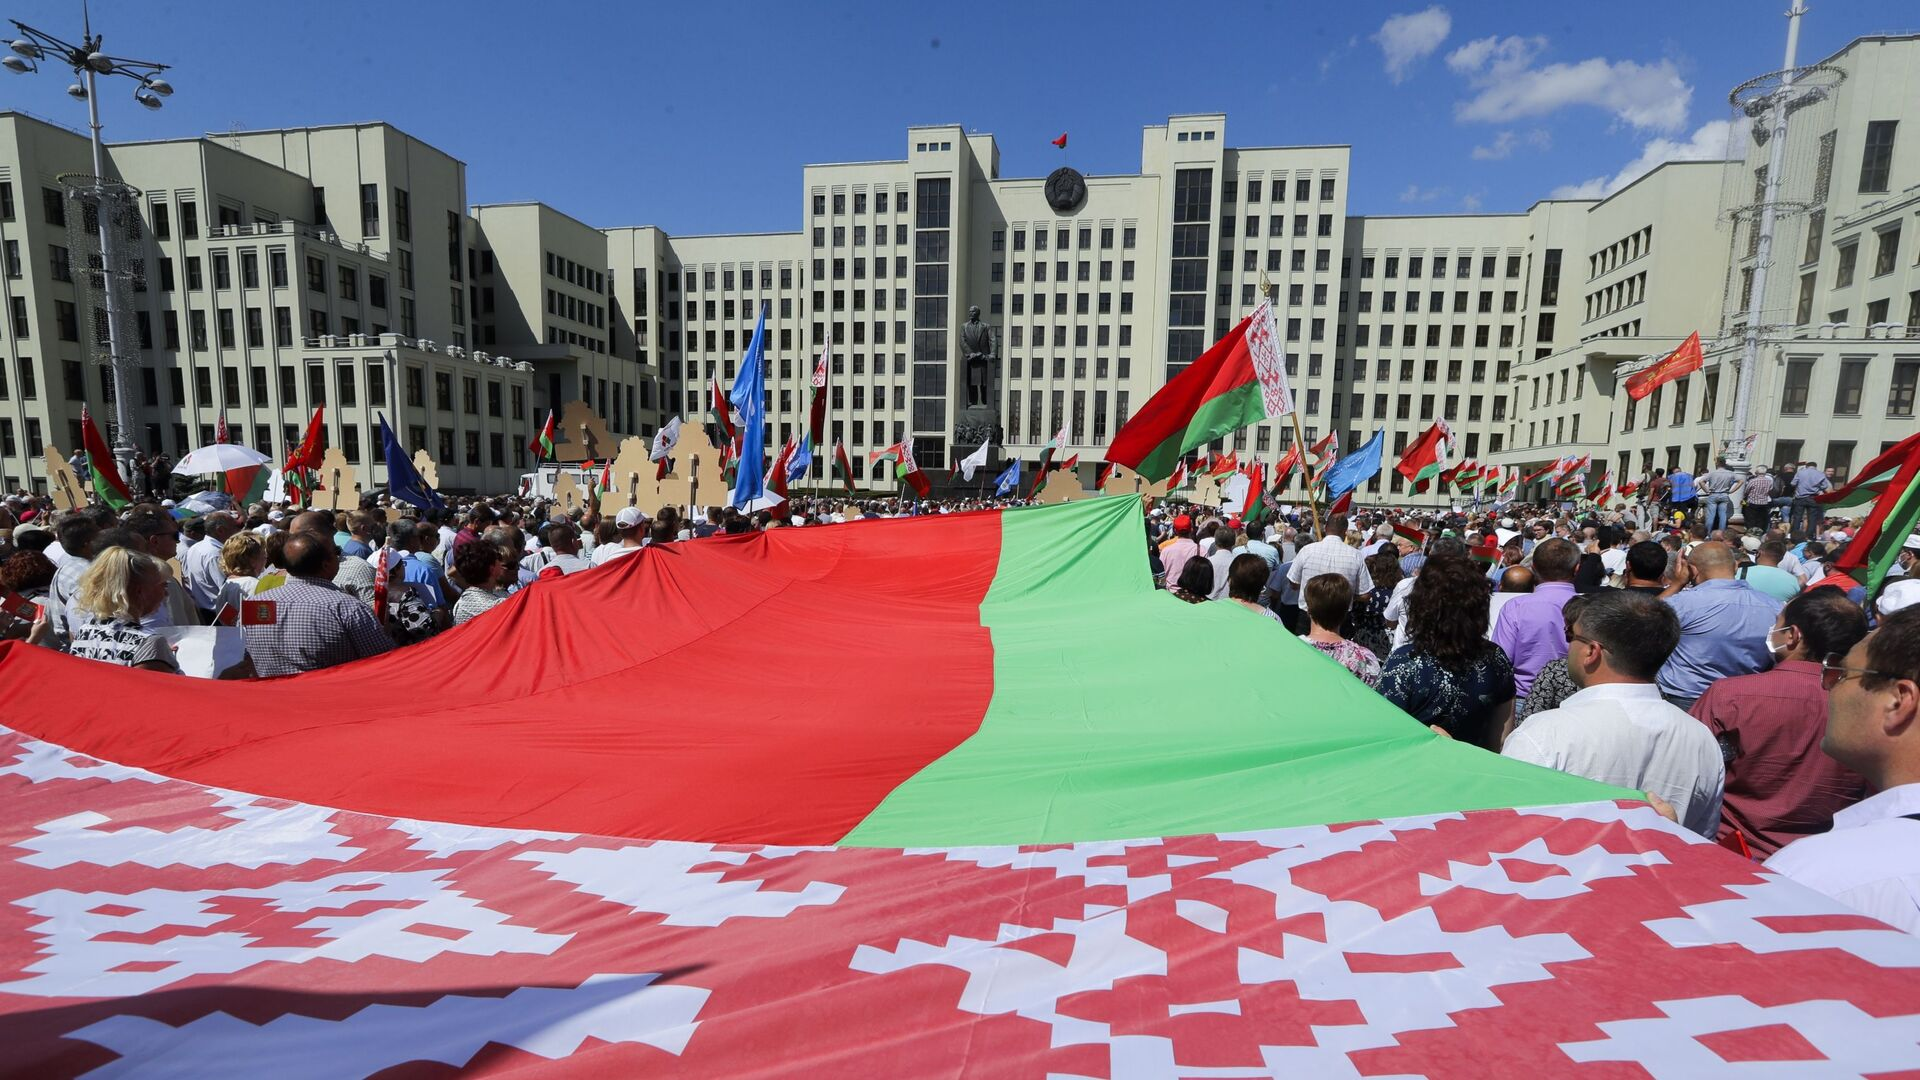 Il comizio a sostegno di Lukashenko a Minsk - Sputnik Italia, 1920, 04.06.2021